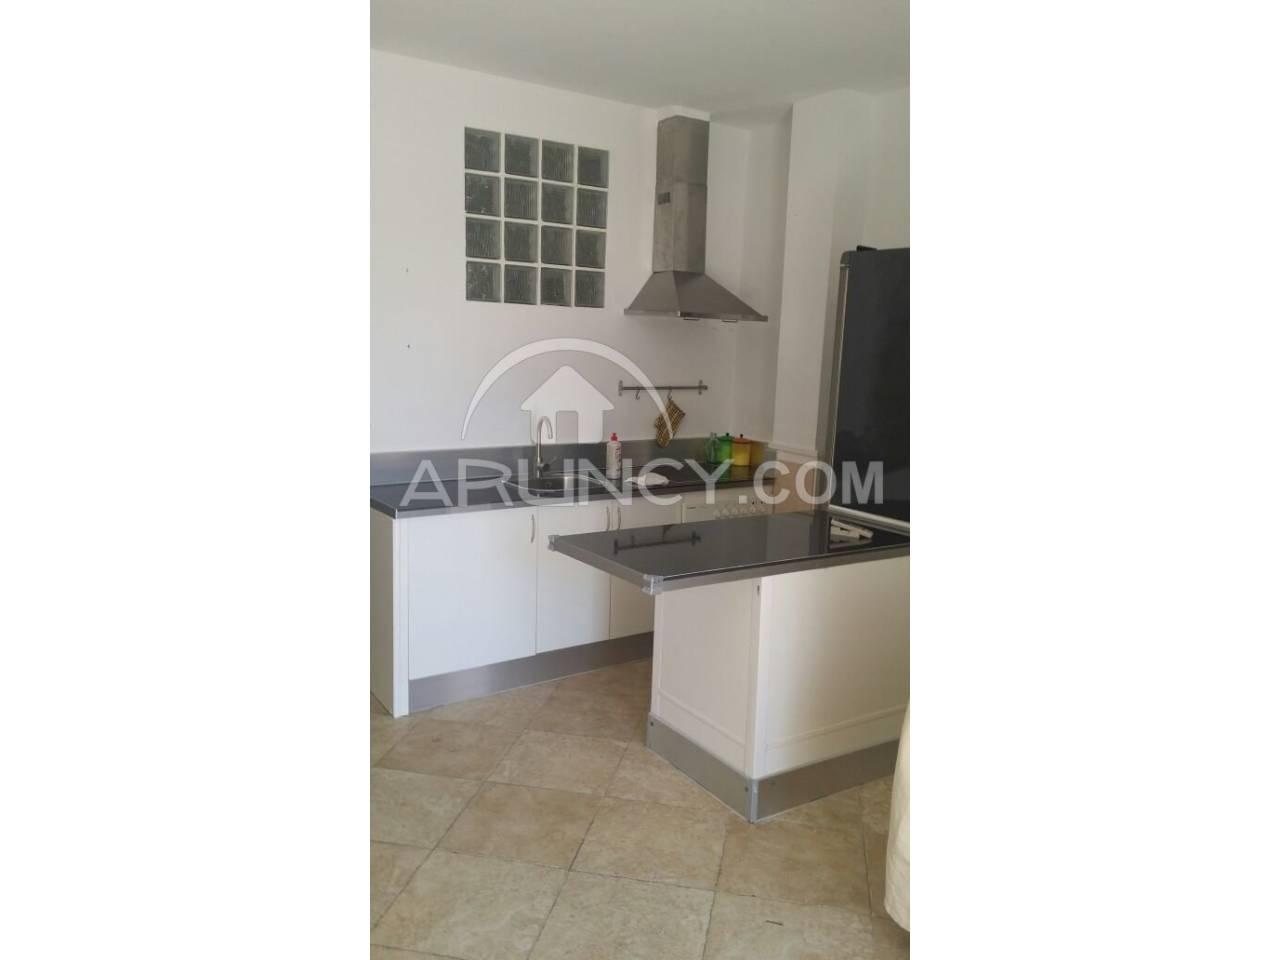 Piso en alquiler con 38 m2, 1 dormitorios  en Puerto Santa María, P...  - Foto 1